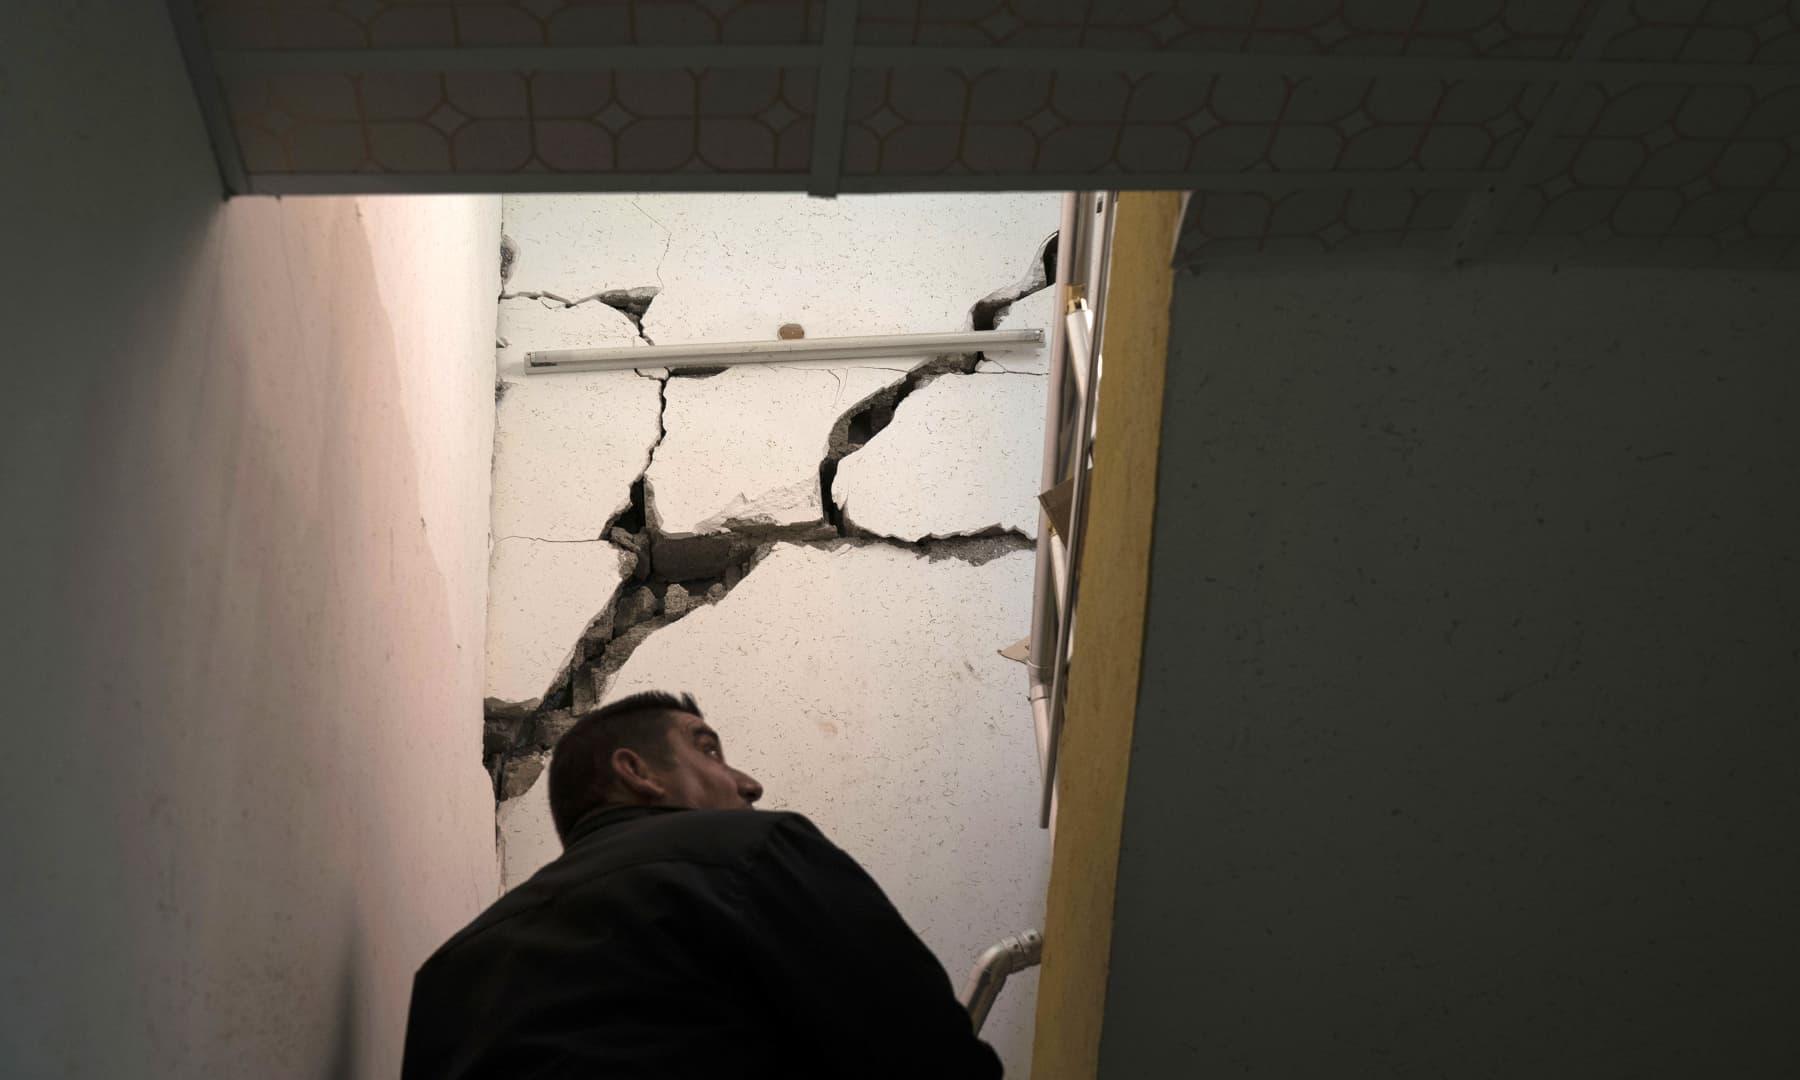 شمالی عراق کے شہر دربندیخاں میں تباہ کن زلزلے کے بعد ایک شخص ایک مخدوش گھر کا جائزہ لے رہا ہے۔ — فوٹو اے پی۔